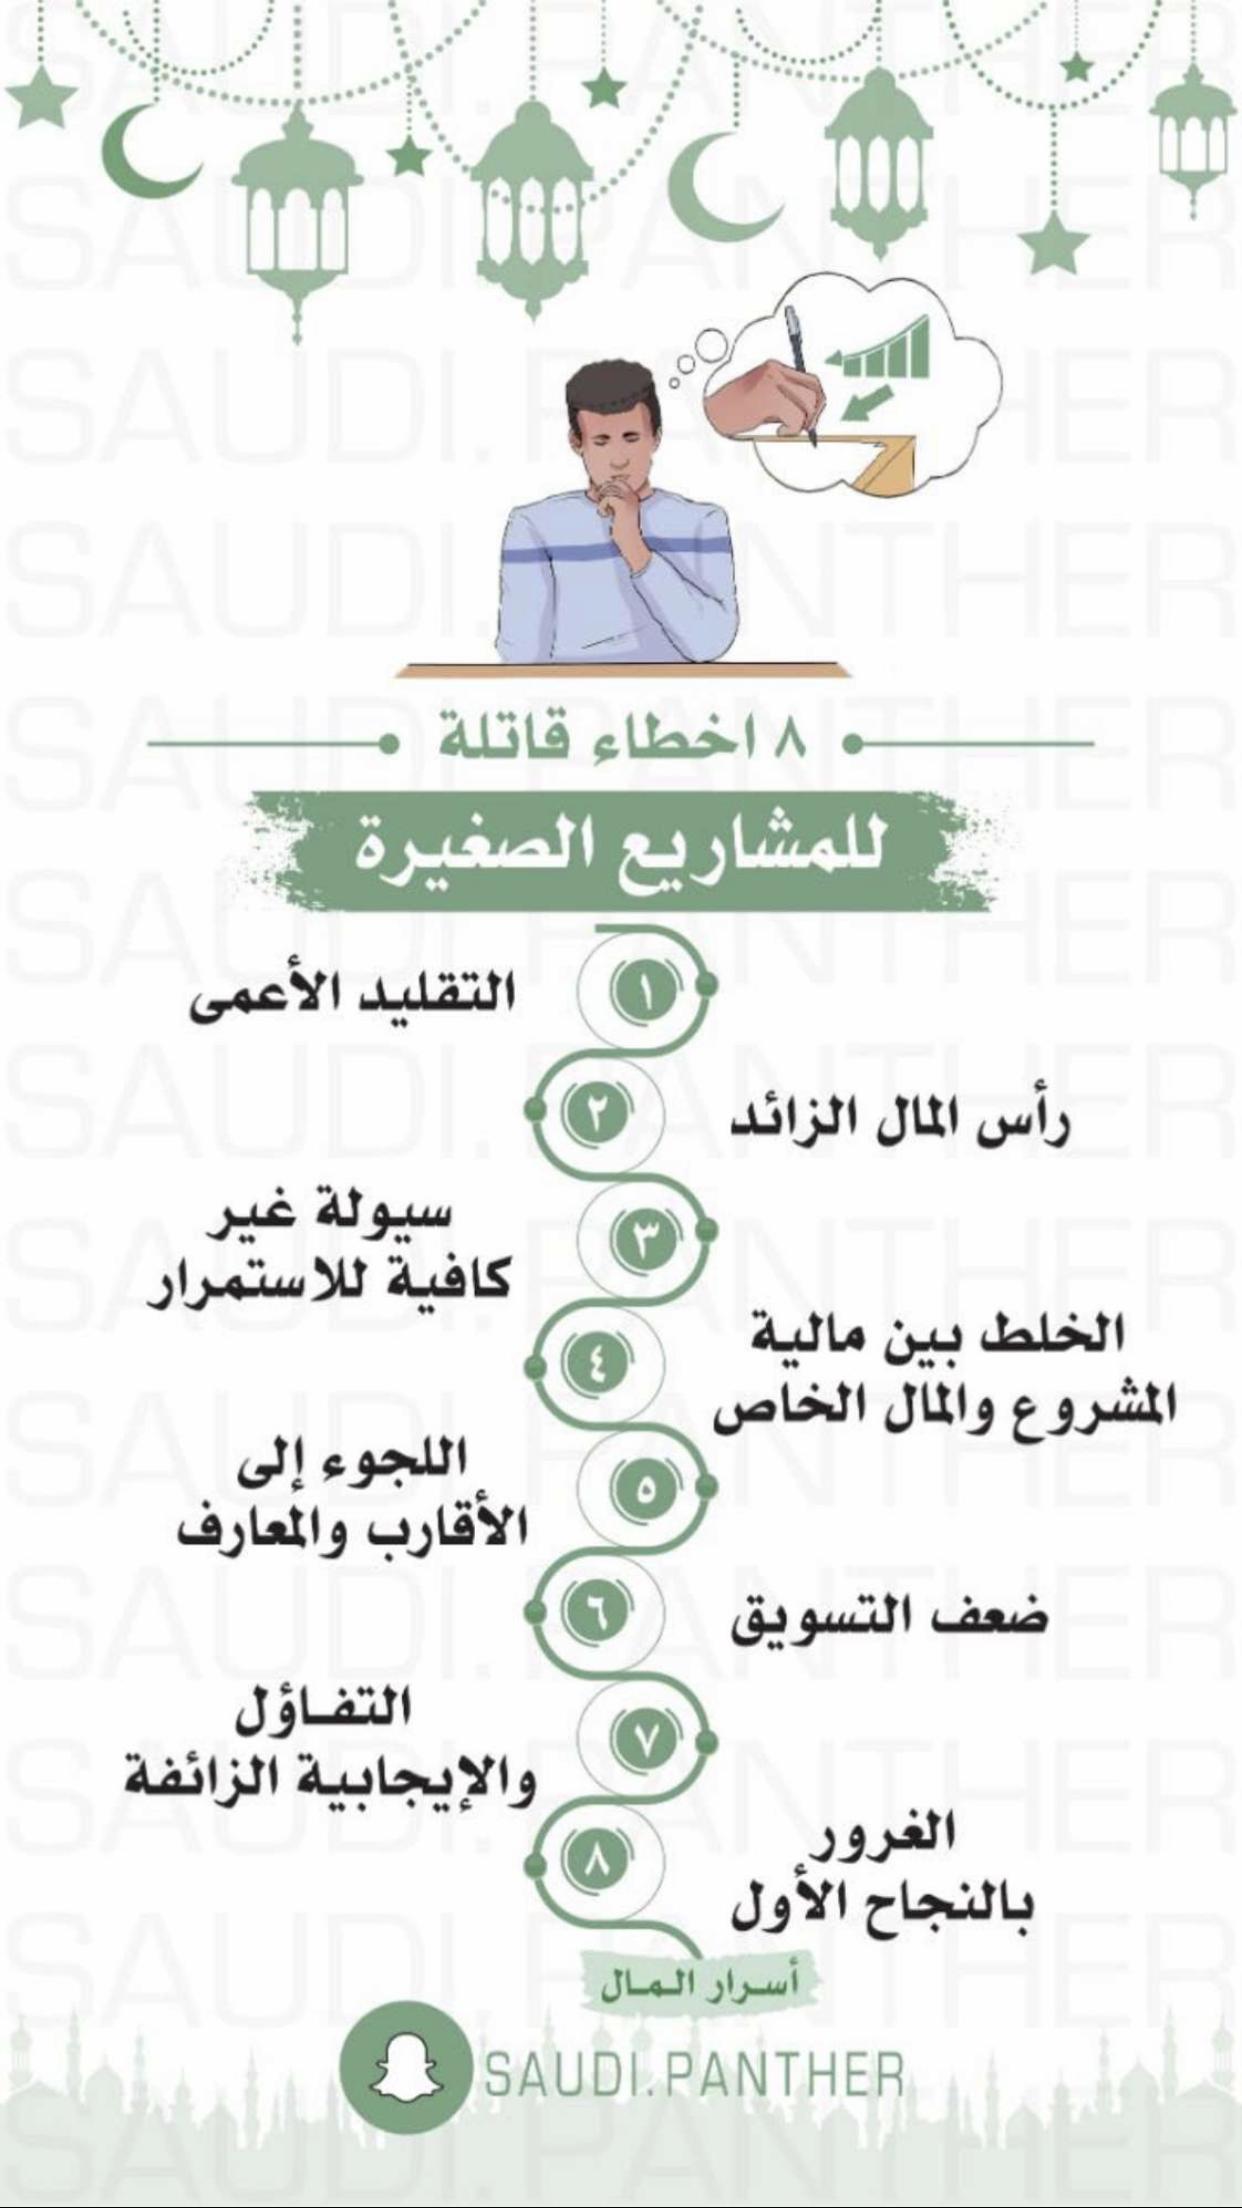 ٨ أخطاء قاتله للمشاريع الصغيرة Beautiful Arabic Words Words Self Development